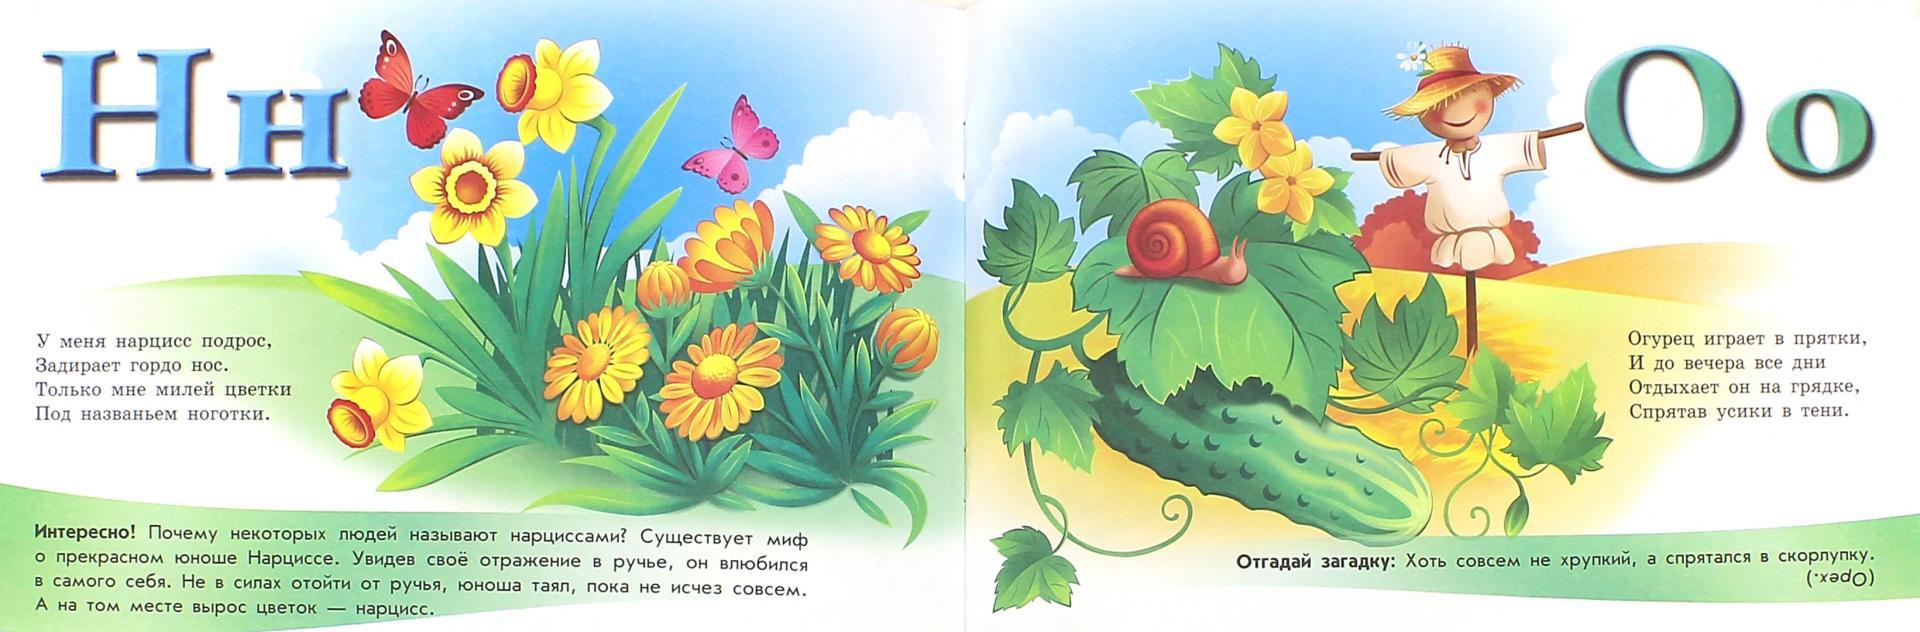 Иллюстрация 1 из 6 для Буковки в деревне - Верховень, Каспарова | Лабиринт - книги. Источник: Лабиринт